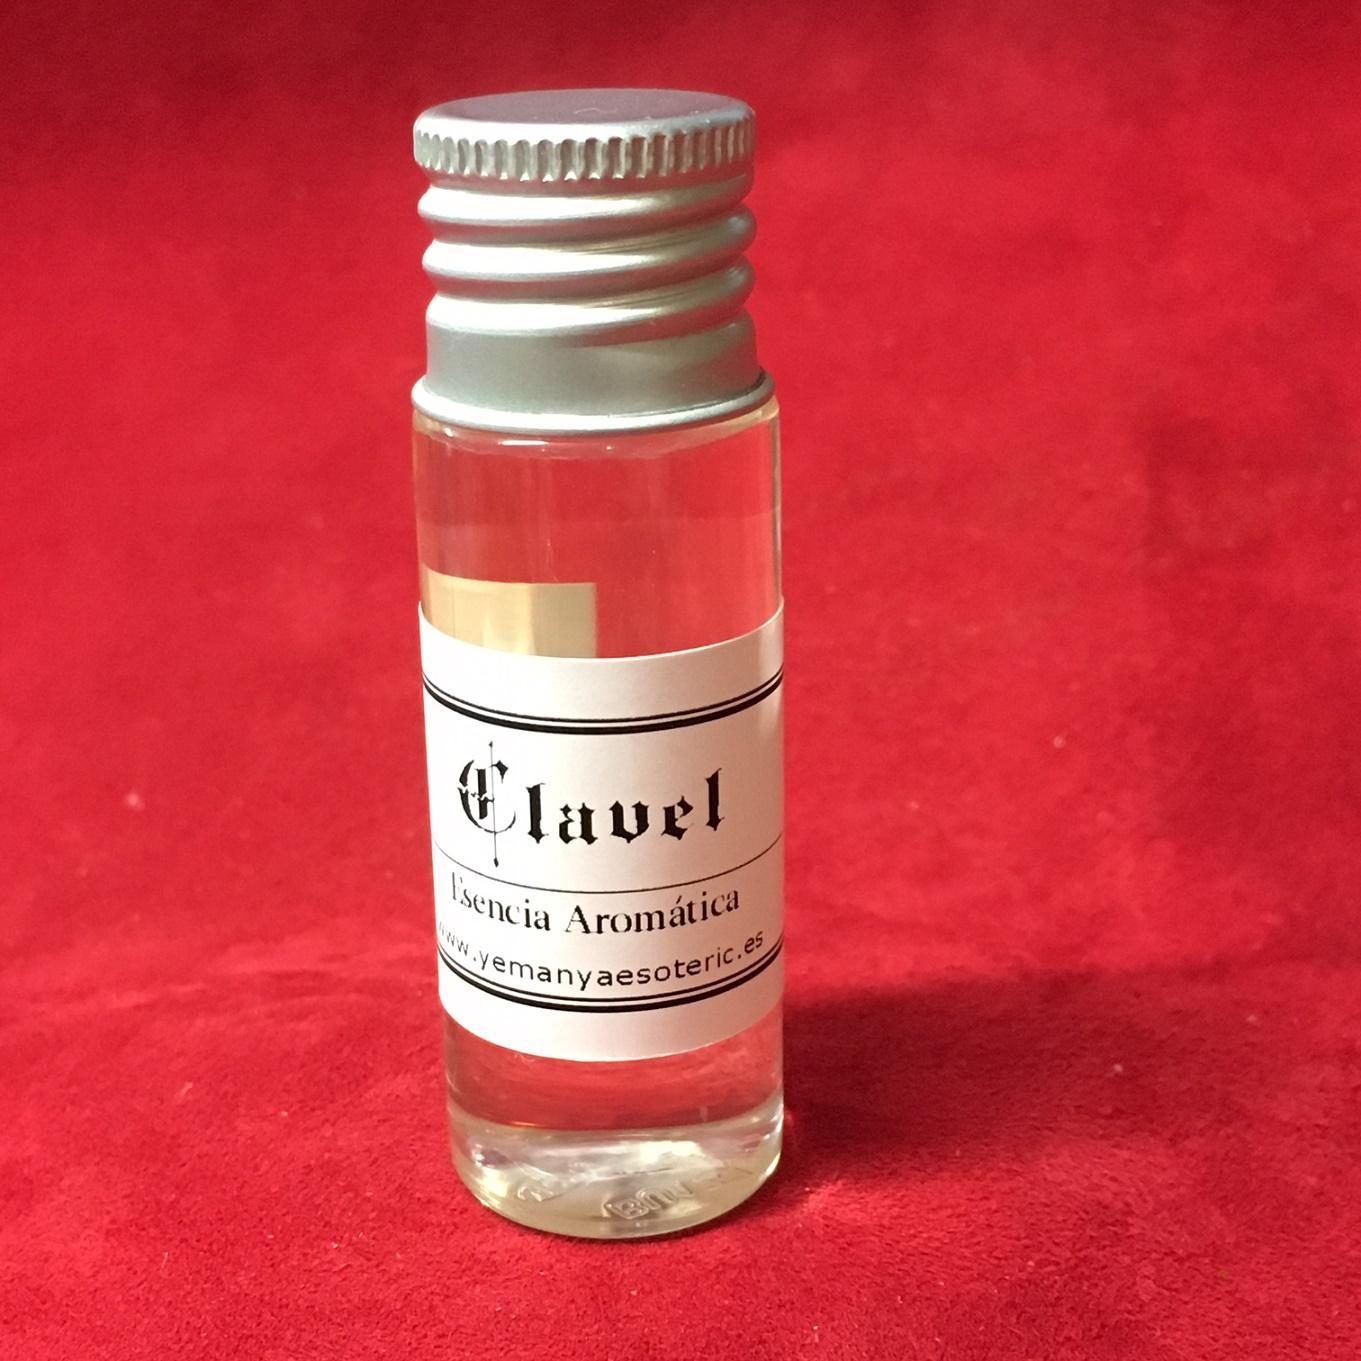 ESENCIA AROMATICA CLAVEL 15 ml